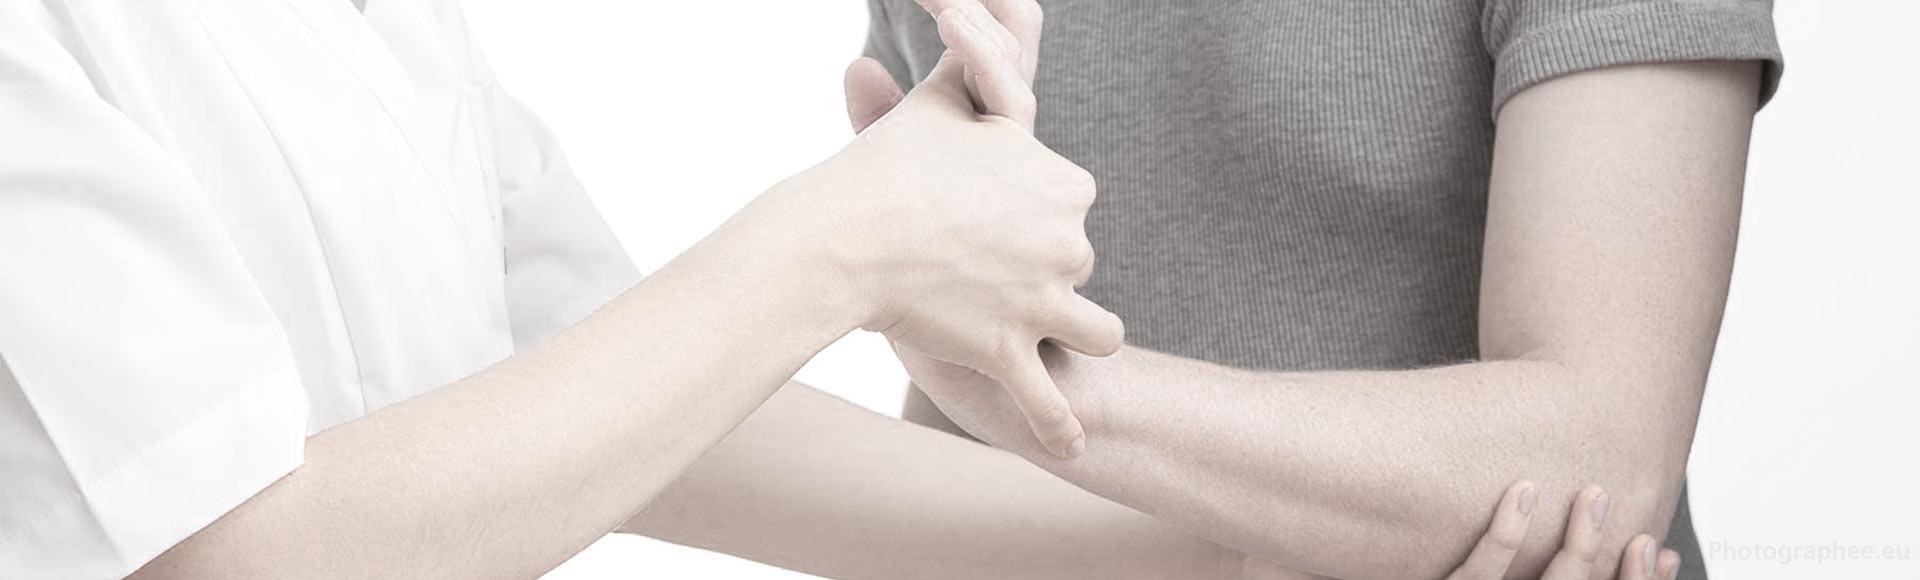 Schmerzen werden behandeln mit Physio Therapie in Birsfelden